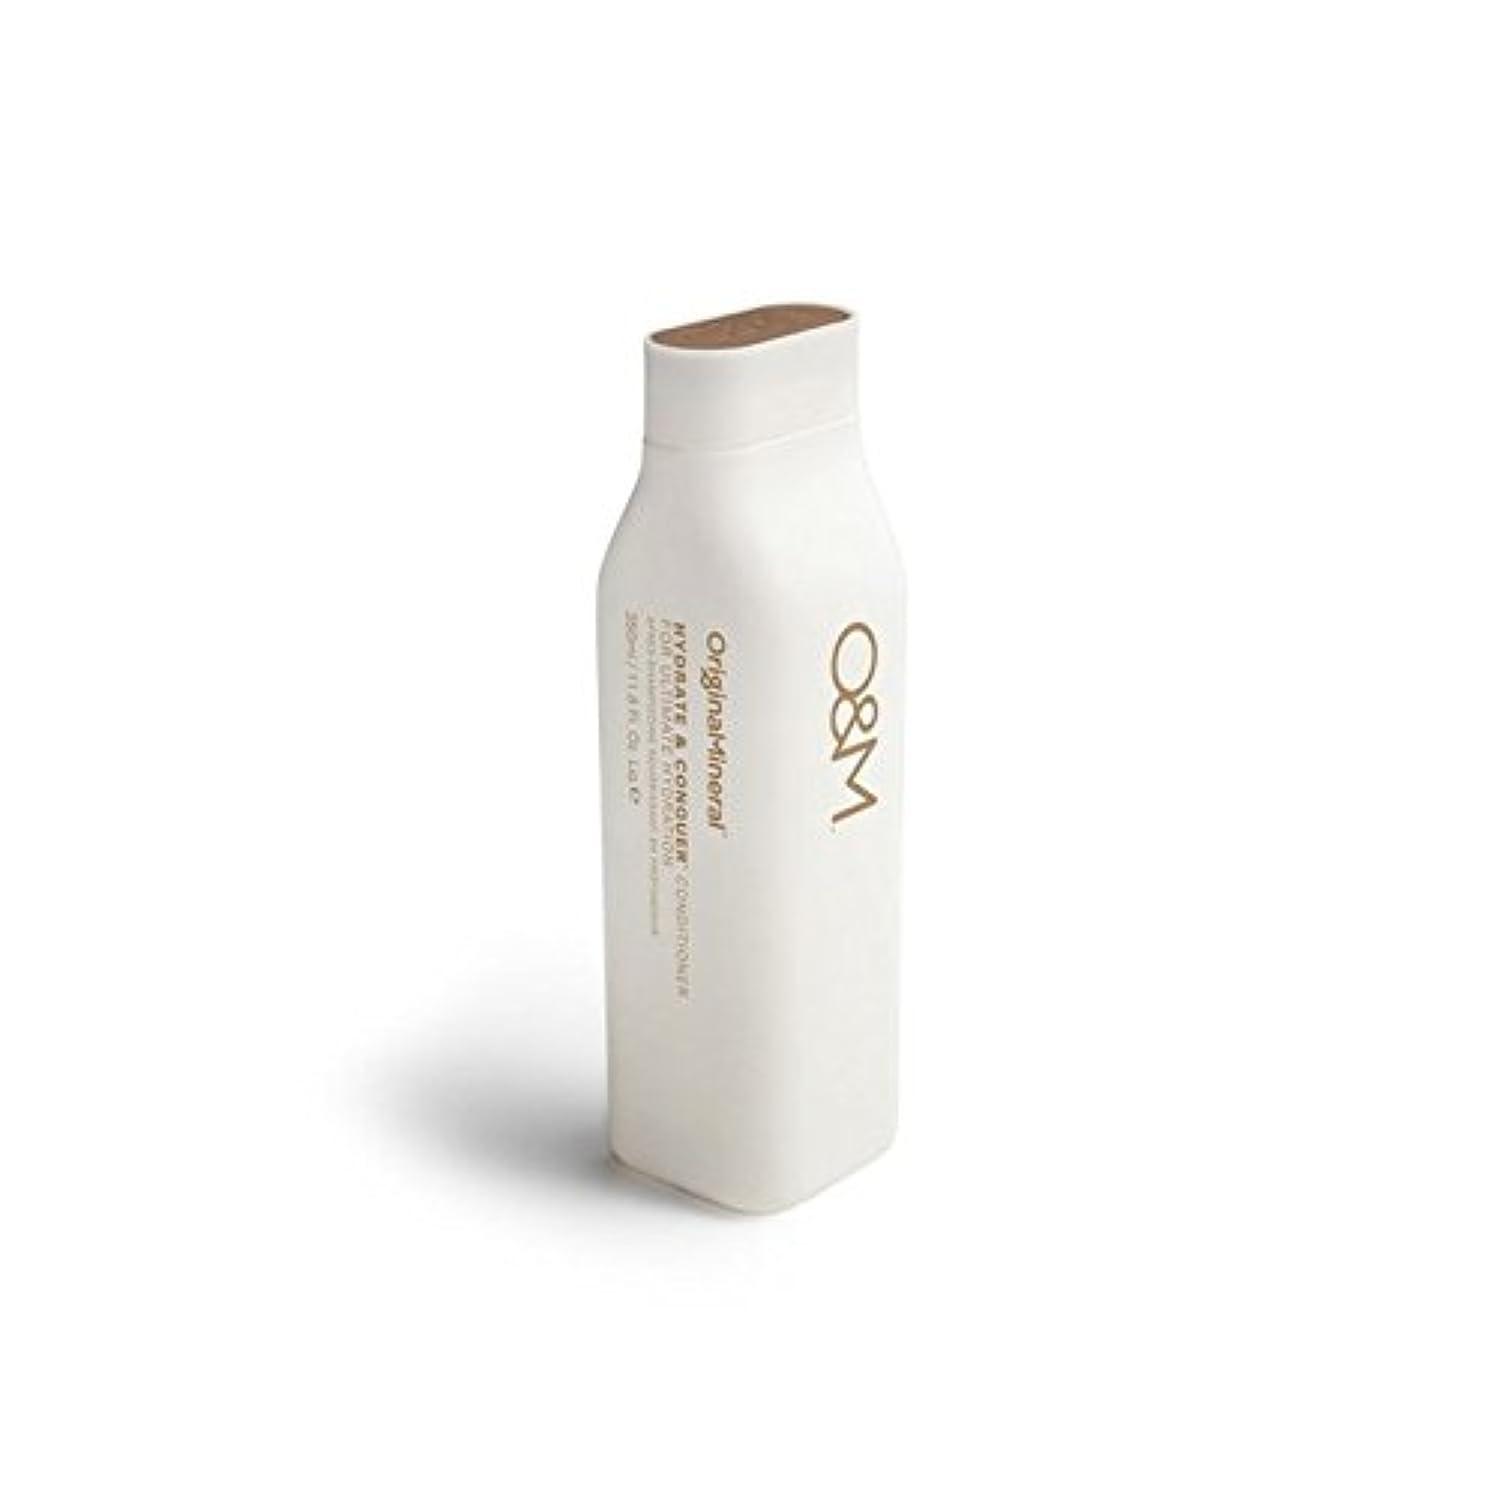 見つけたスズメバチほかにOriginal & Mineral Hydrate And Conquer Conditioner (350ml) - オリジナル&ミネラル水和物及びコンディショナー(350ミリリットル)を征服 [並行輸入品]